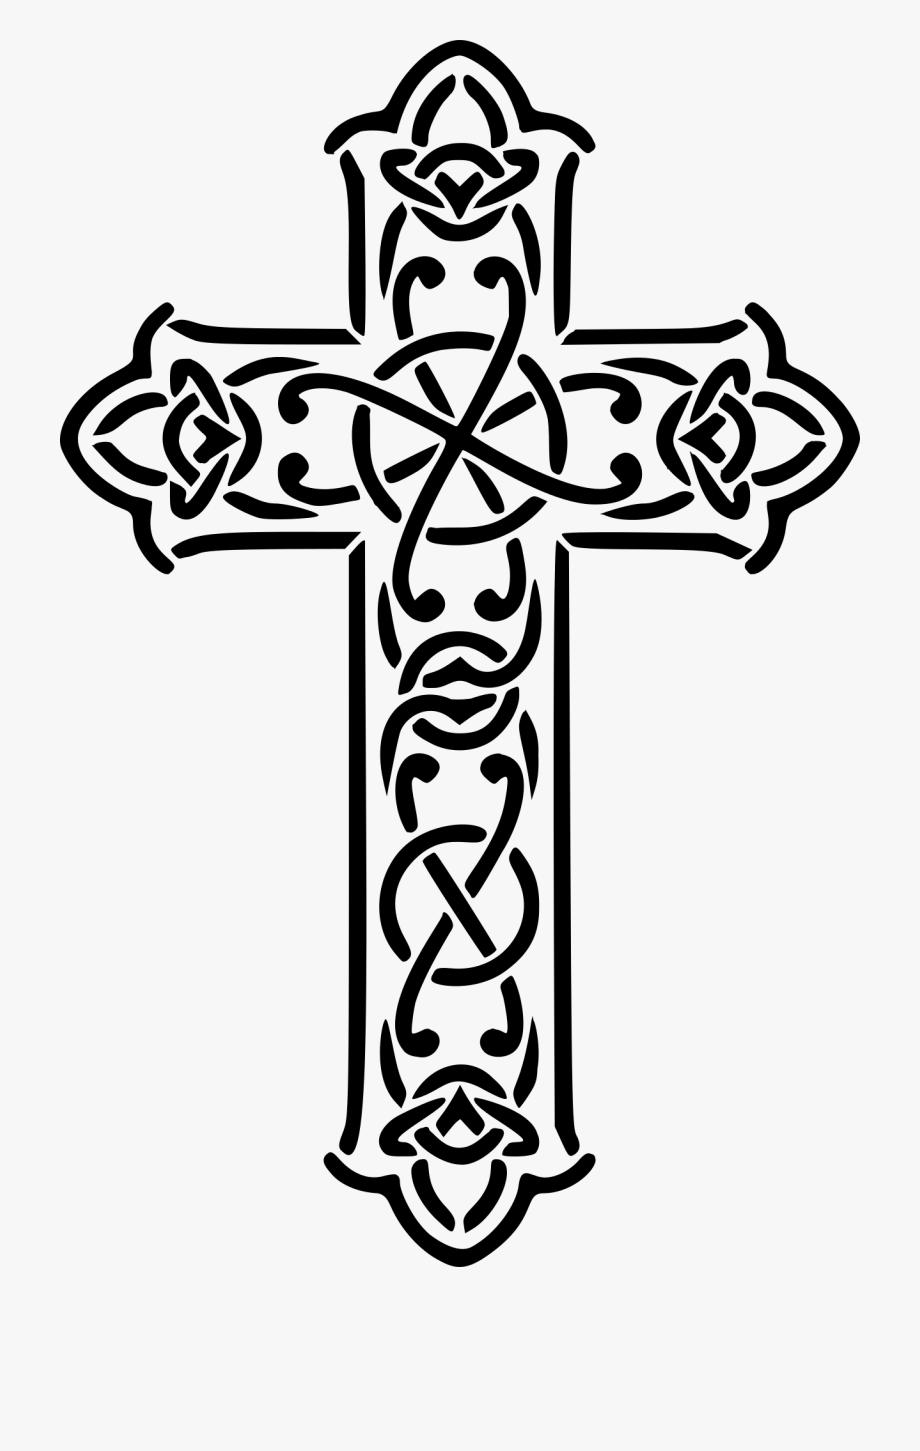 Celtic cross black clipart banner stock Celtic Cross Christian Cross Celtic Knot Crucifix - Celtic ... banner stock